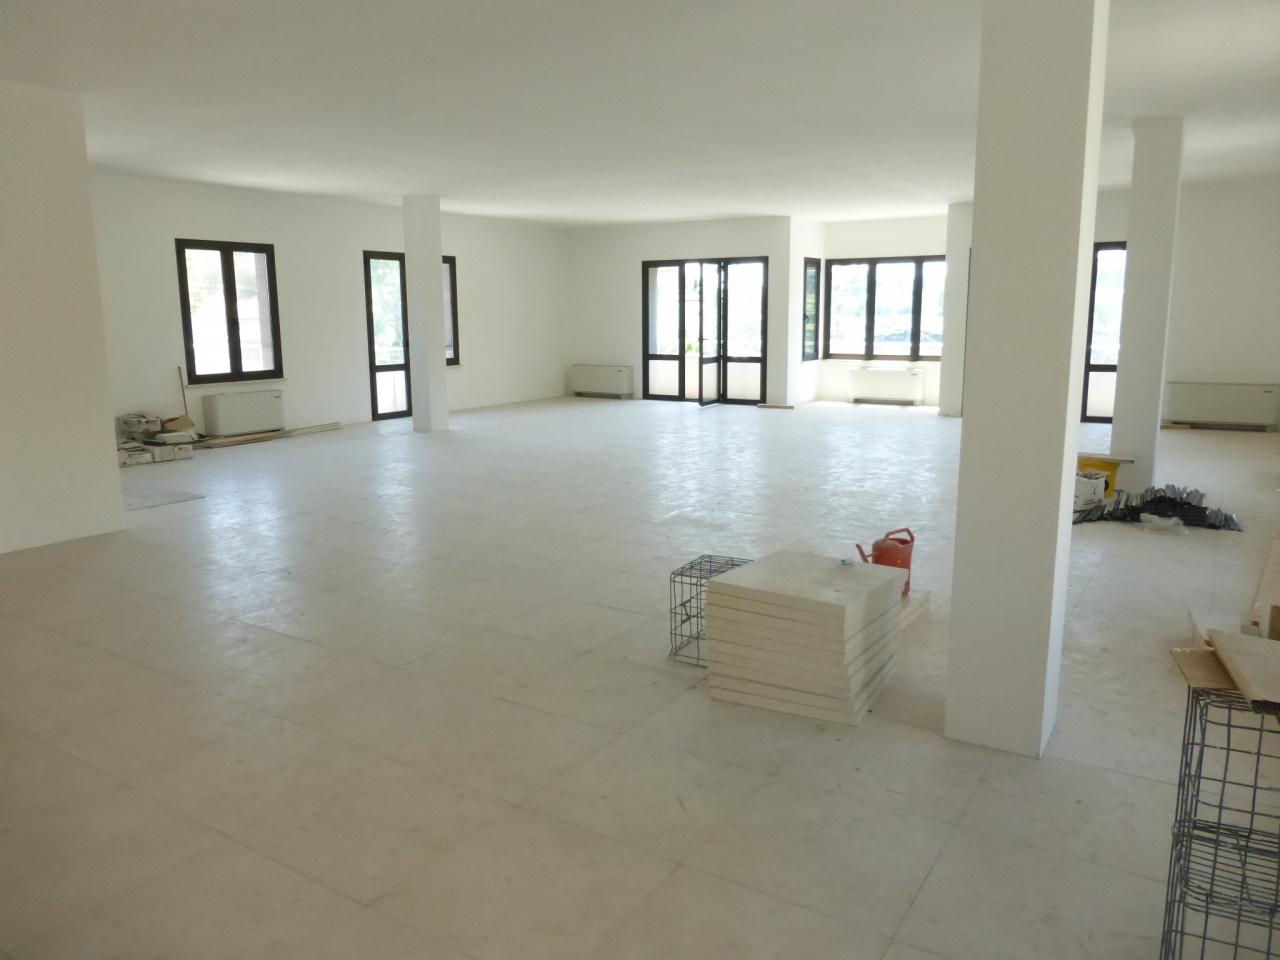 Ufficio / Studio in affitto a Siena, 9999 locali, prezzo € 3.000 | CambioCasa.it